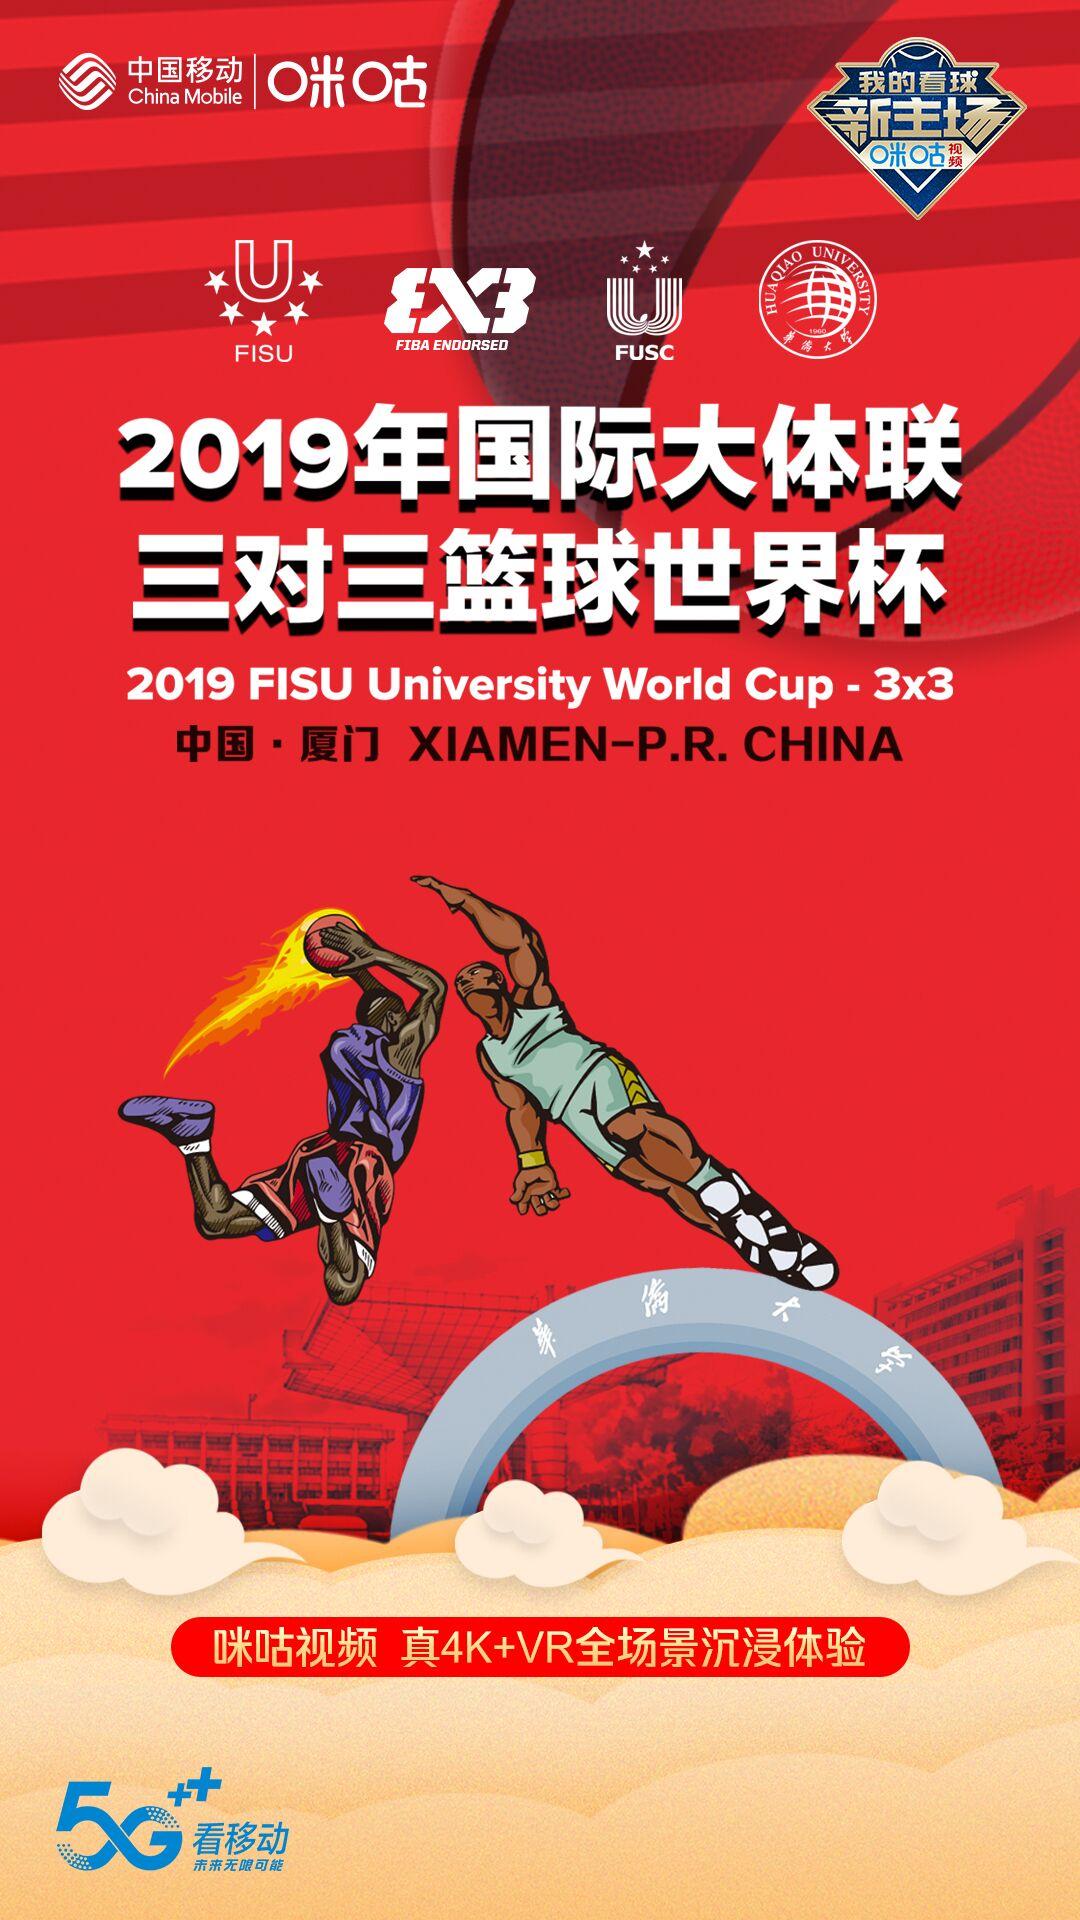 中国移动咪咕5G超高清体育赛场,打造5G+VR全场景观赛新看法